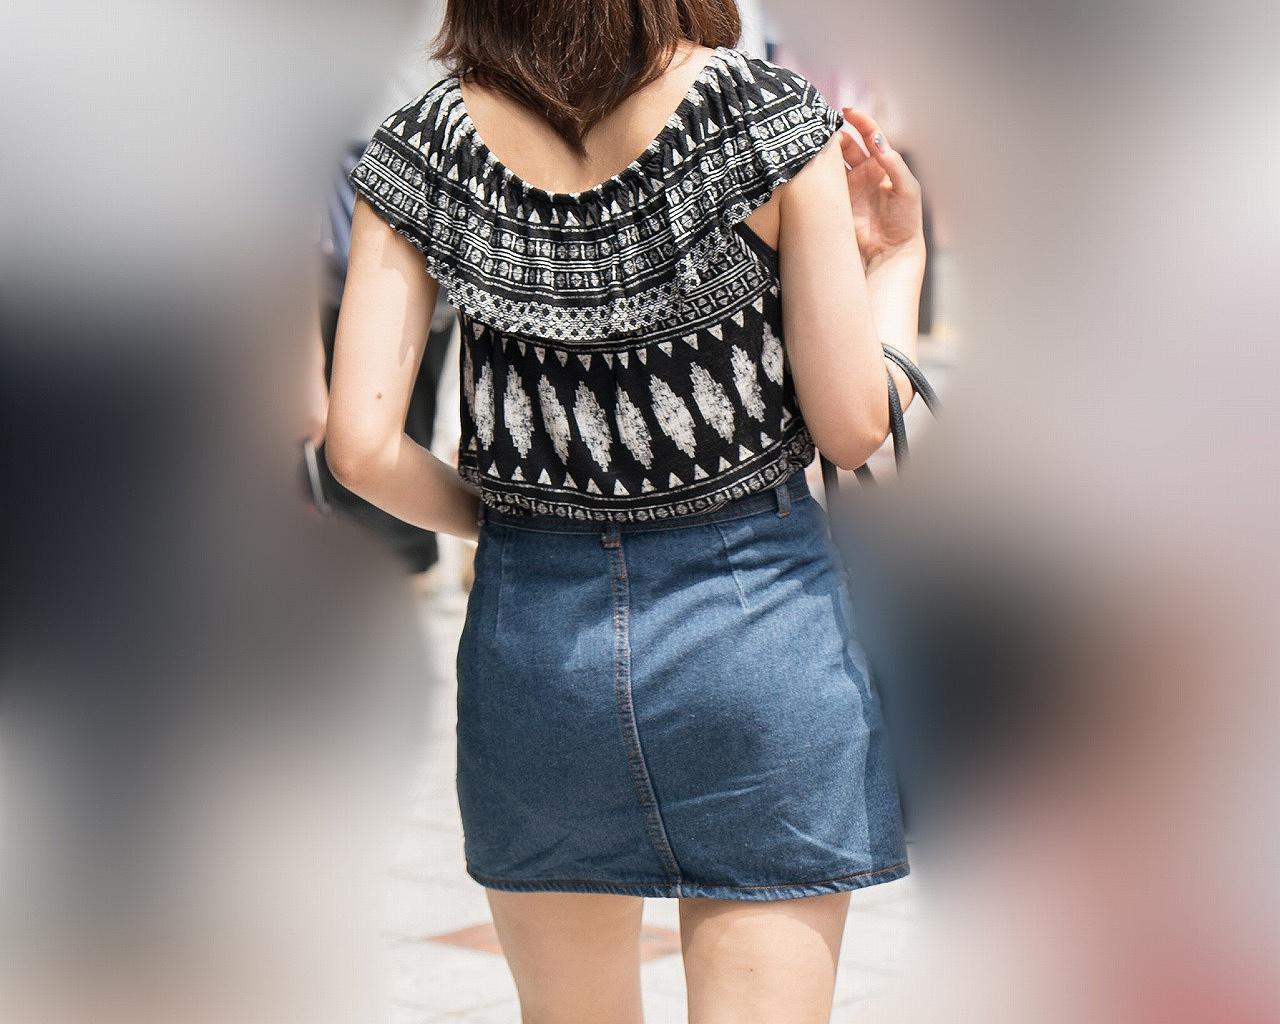 デニムミニスカ女性の美脚を接写撮り!